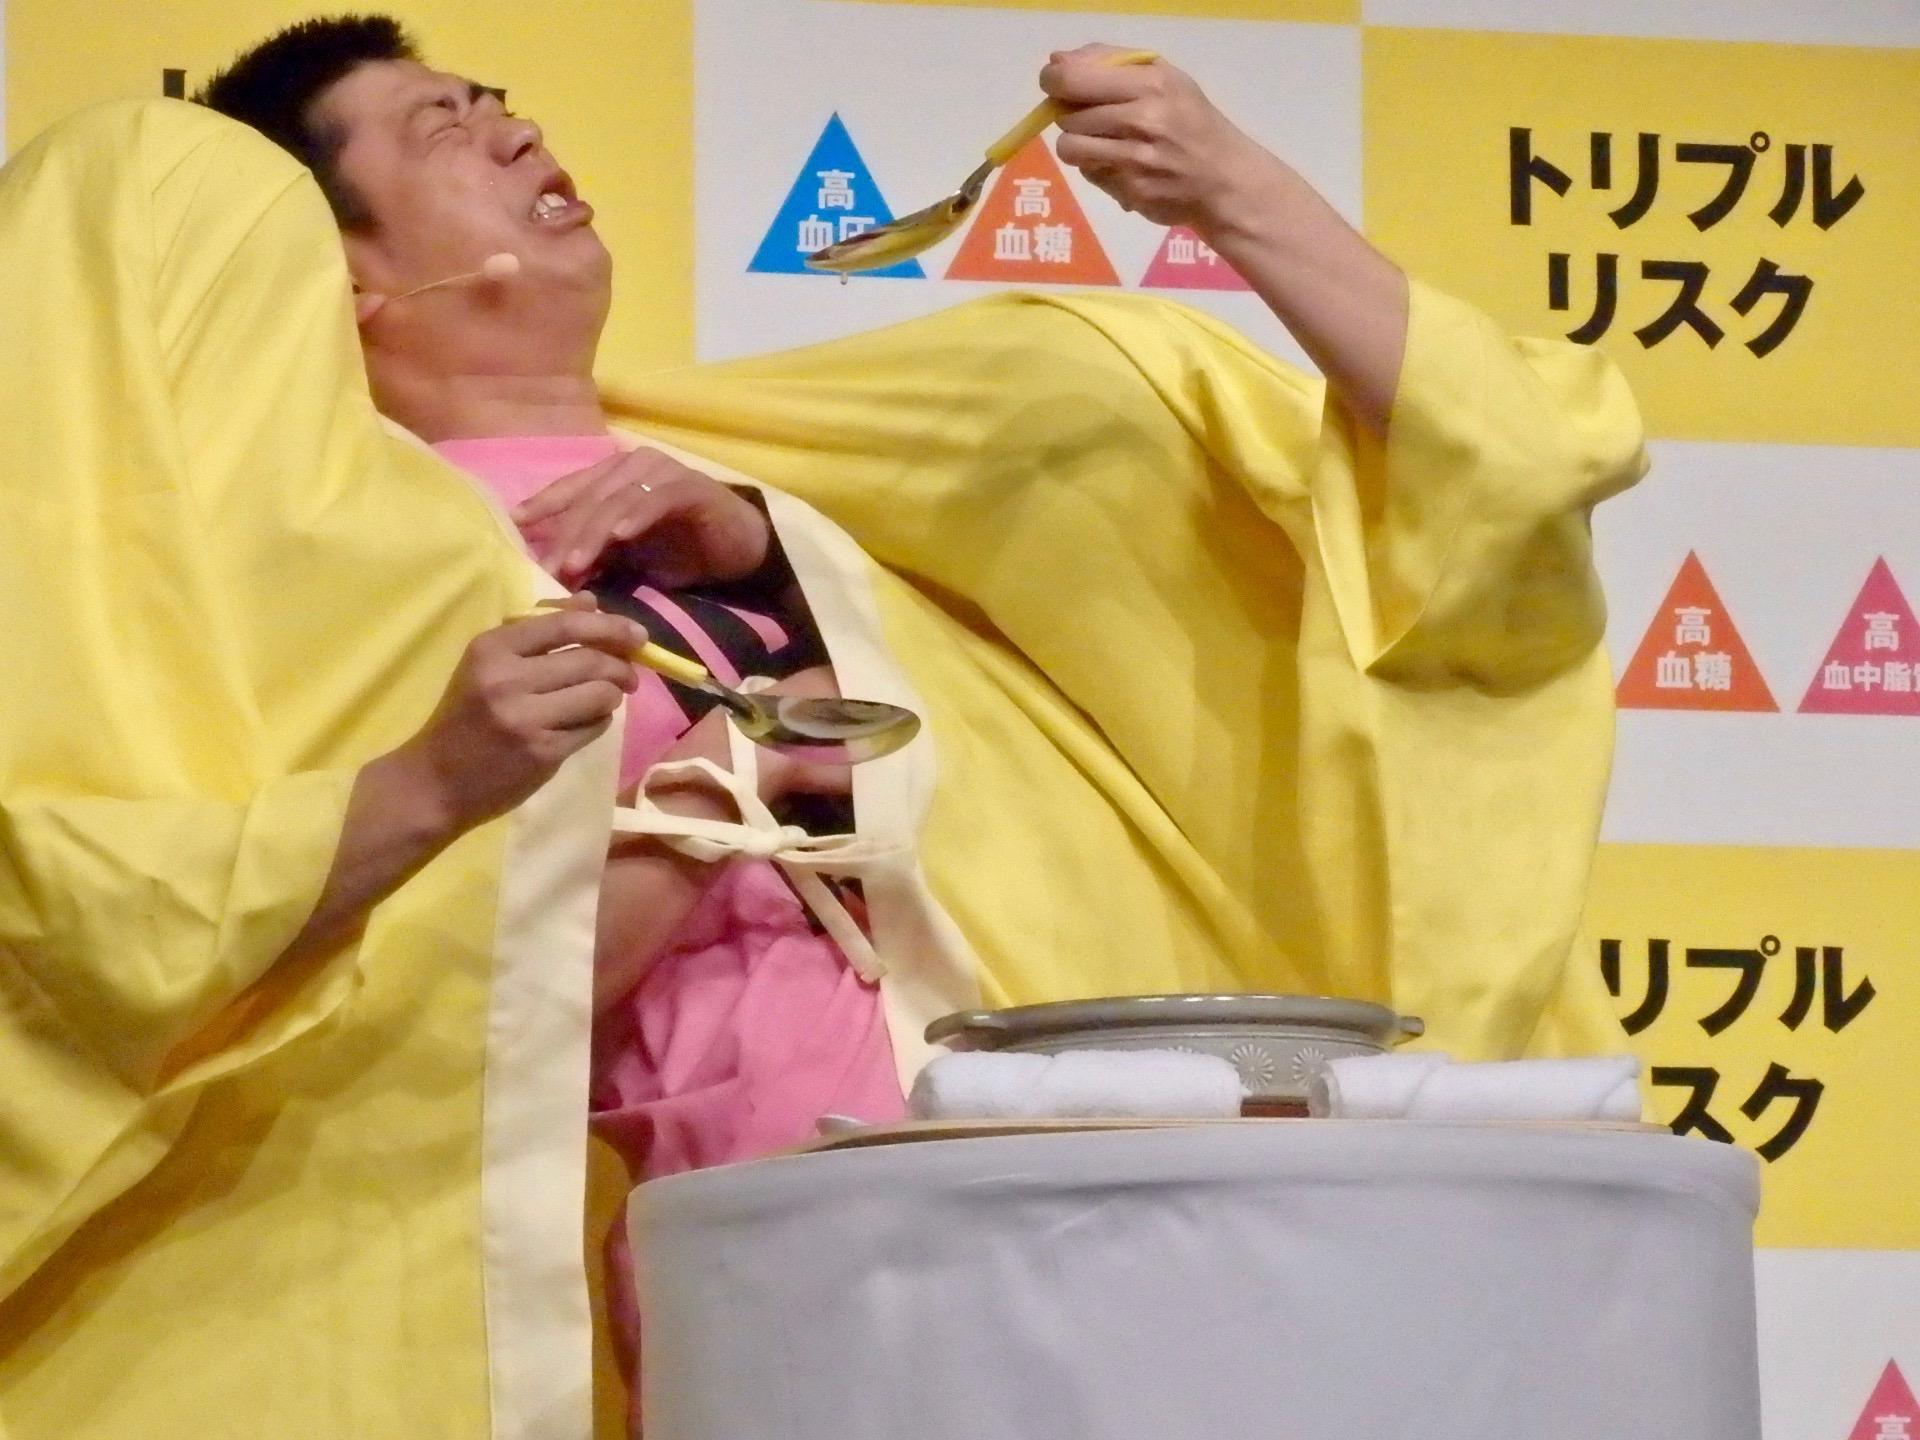 http://news.yoshimoto.co.jp/20180227231248-6d80d9bb10efb00574e7622e876b7a4676875c8e.jpg